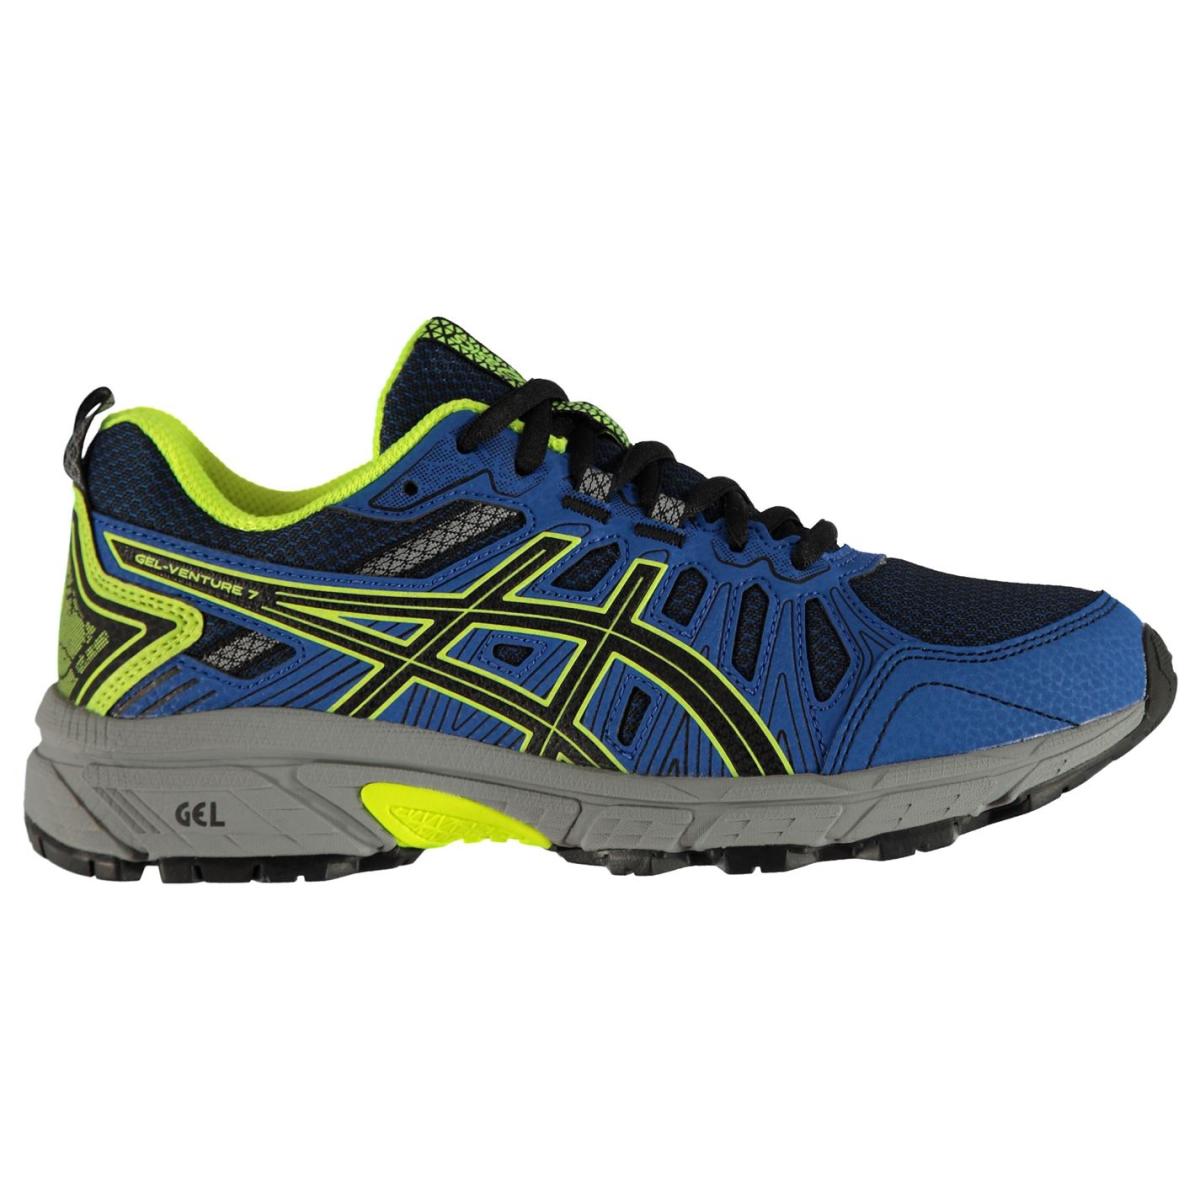 Asics-Gel-Venture-7-Turnschuhe-Laufschuhe-Jungen-Kinder-Sneaker-Sportschuhe-7031 Indexbild 2